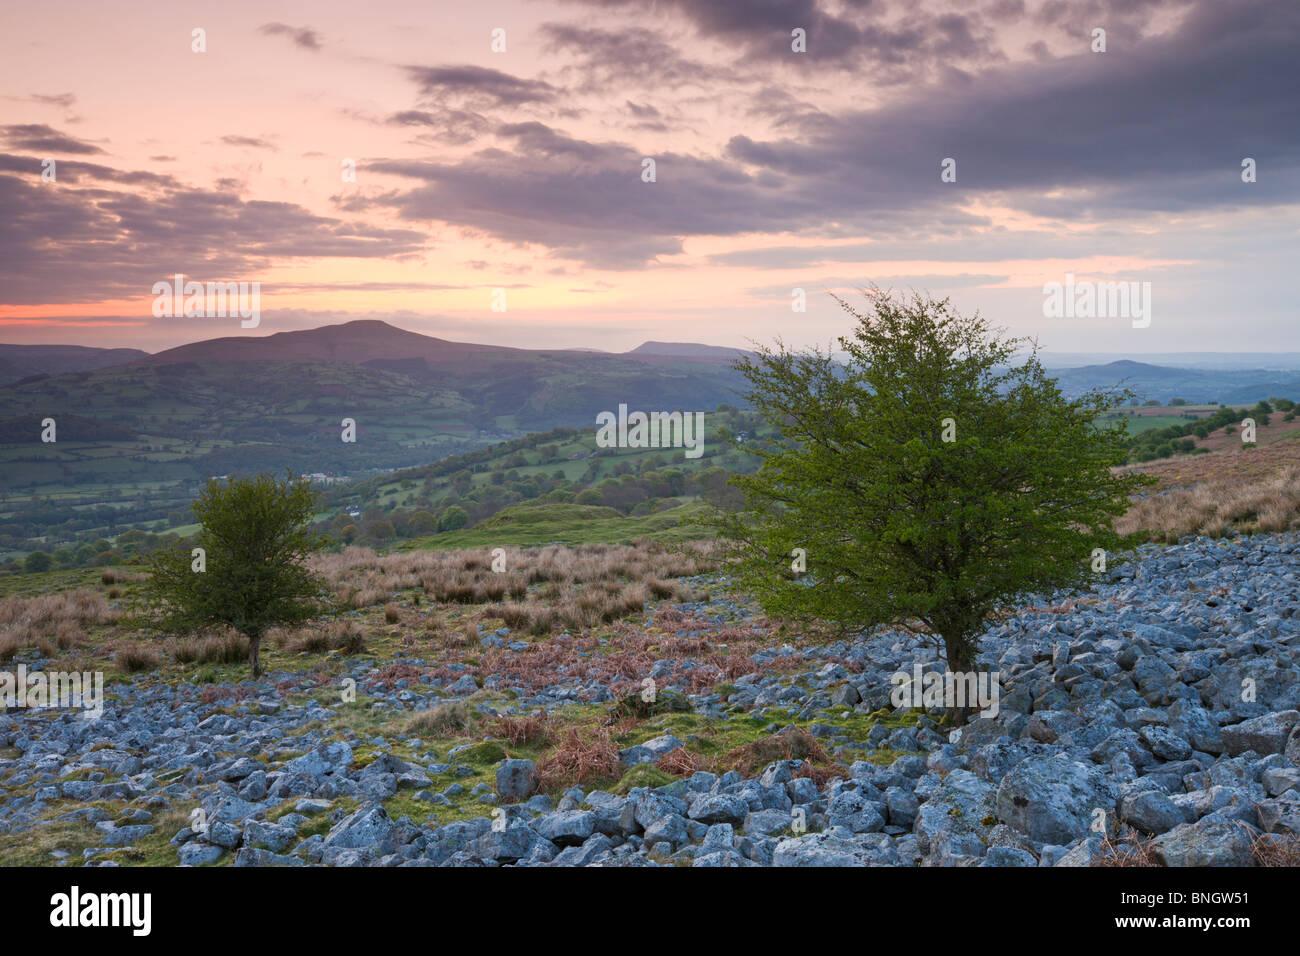 Zuckerhut im Morgengrauen von Llangattock Böschung, Brecon Beacons National Park, Powys, Wales. Stockbild